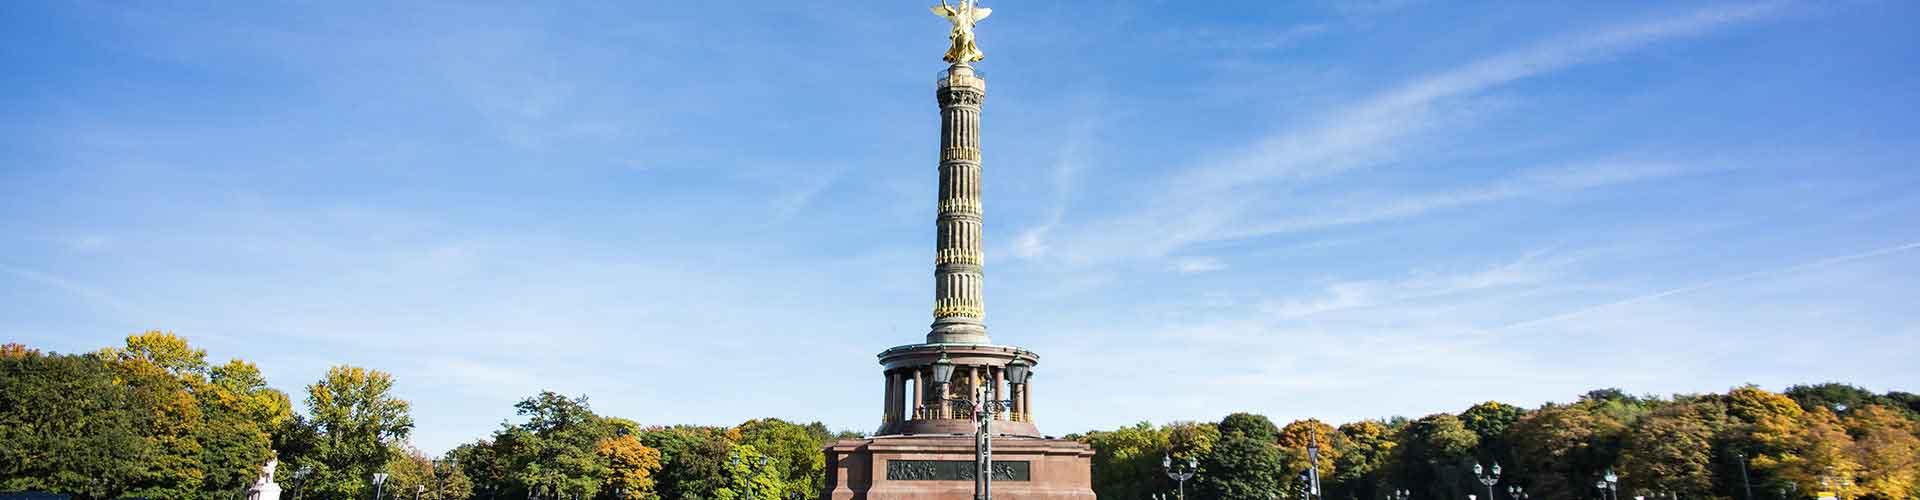 Berlim – Albergues próximos a Berlin Coluna da Vitória. Mapas para Berlim, Fotos e Avaliações para cada Albergue em Berlim.